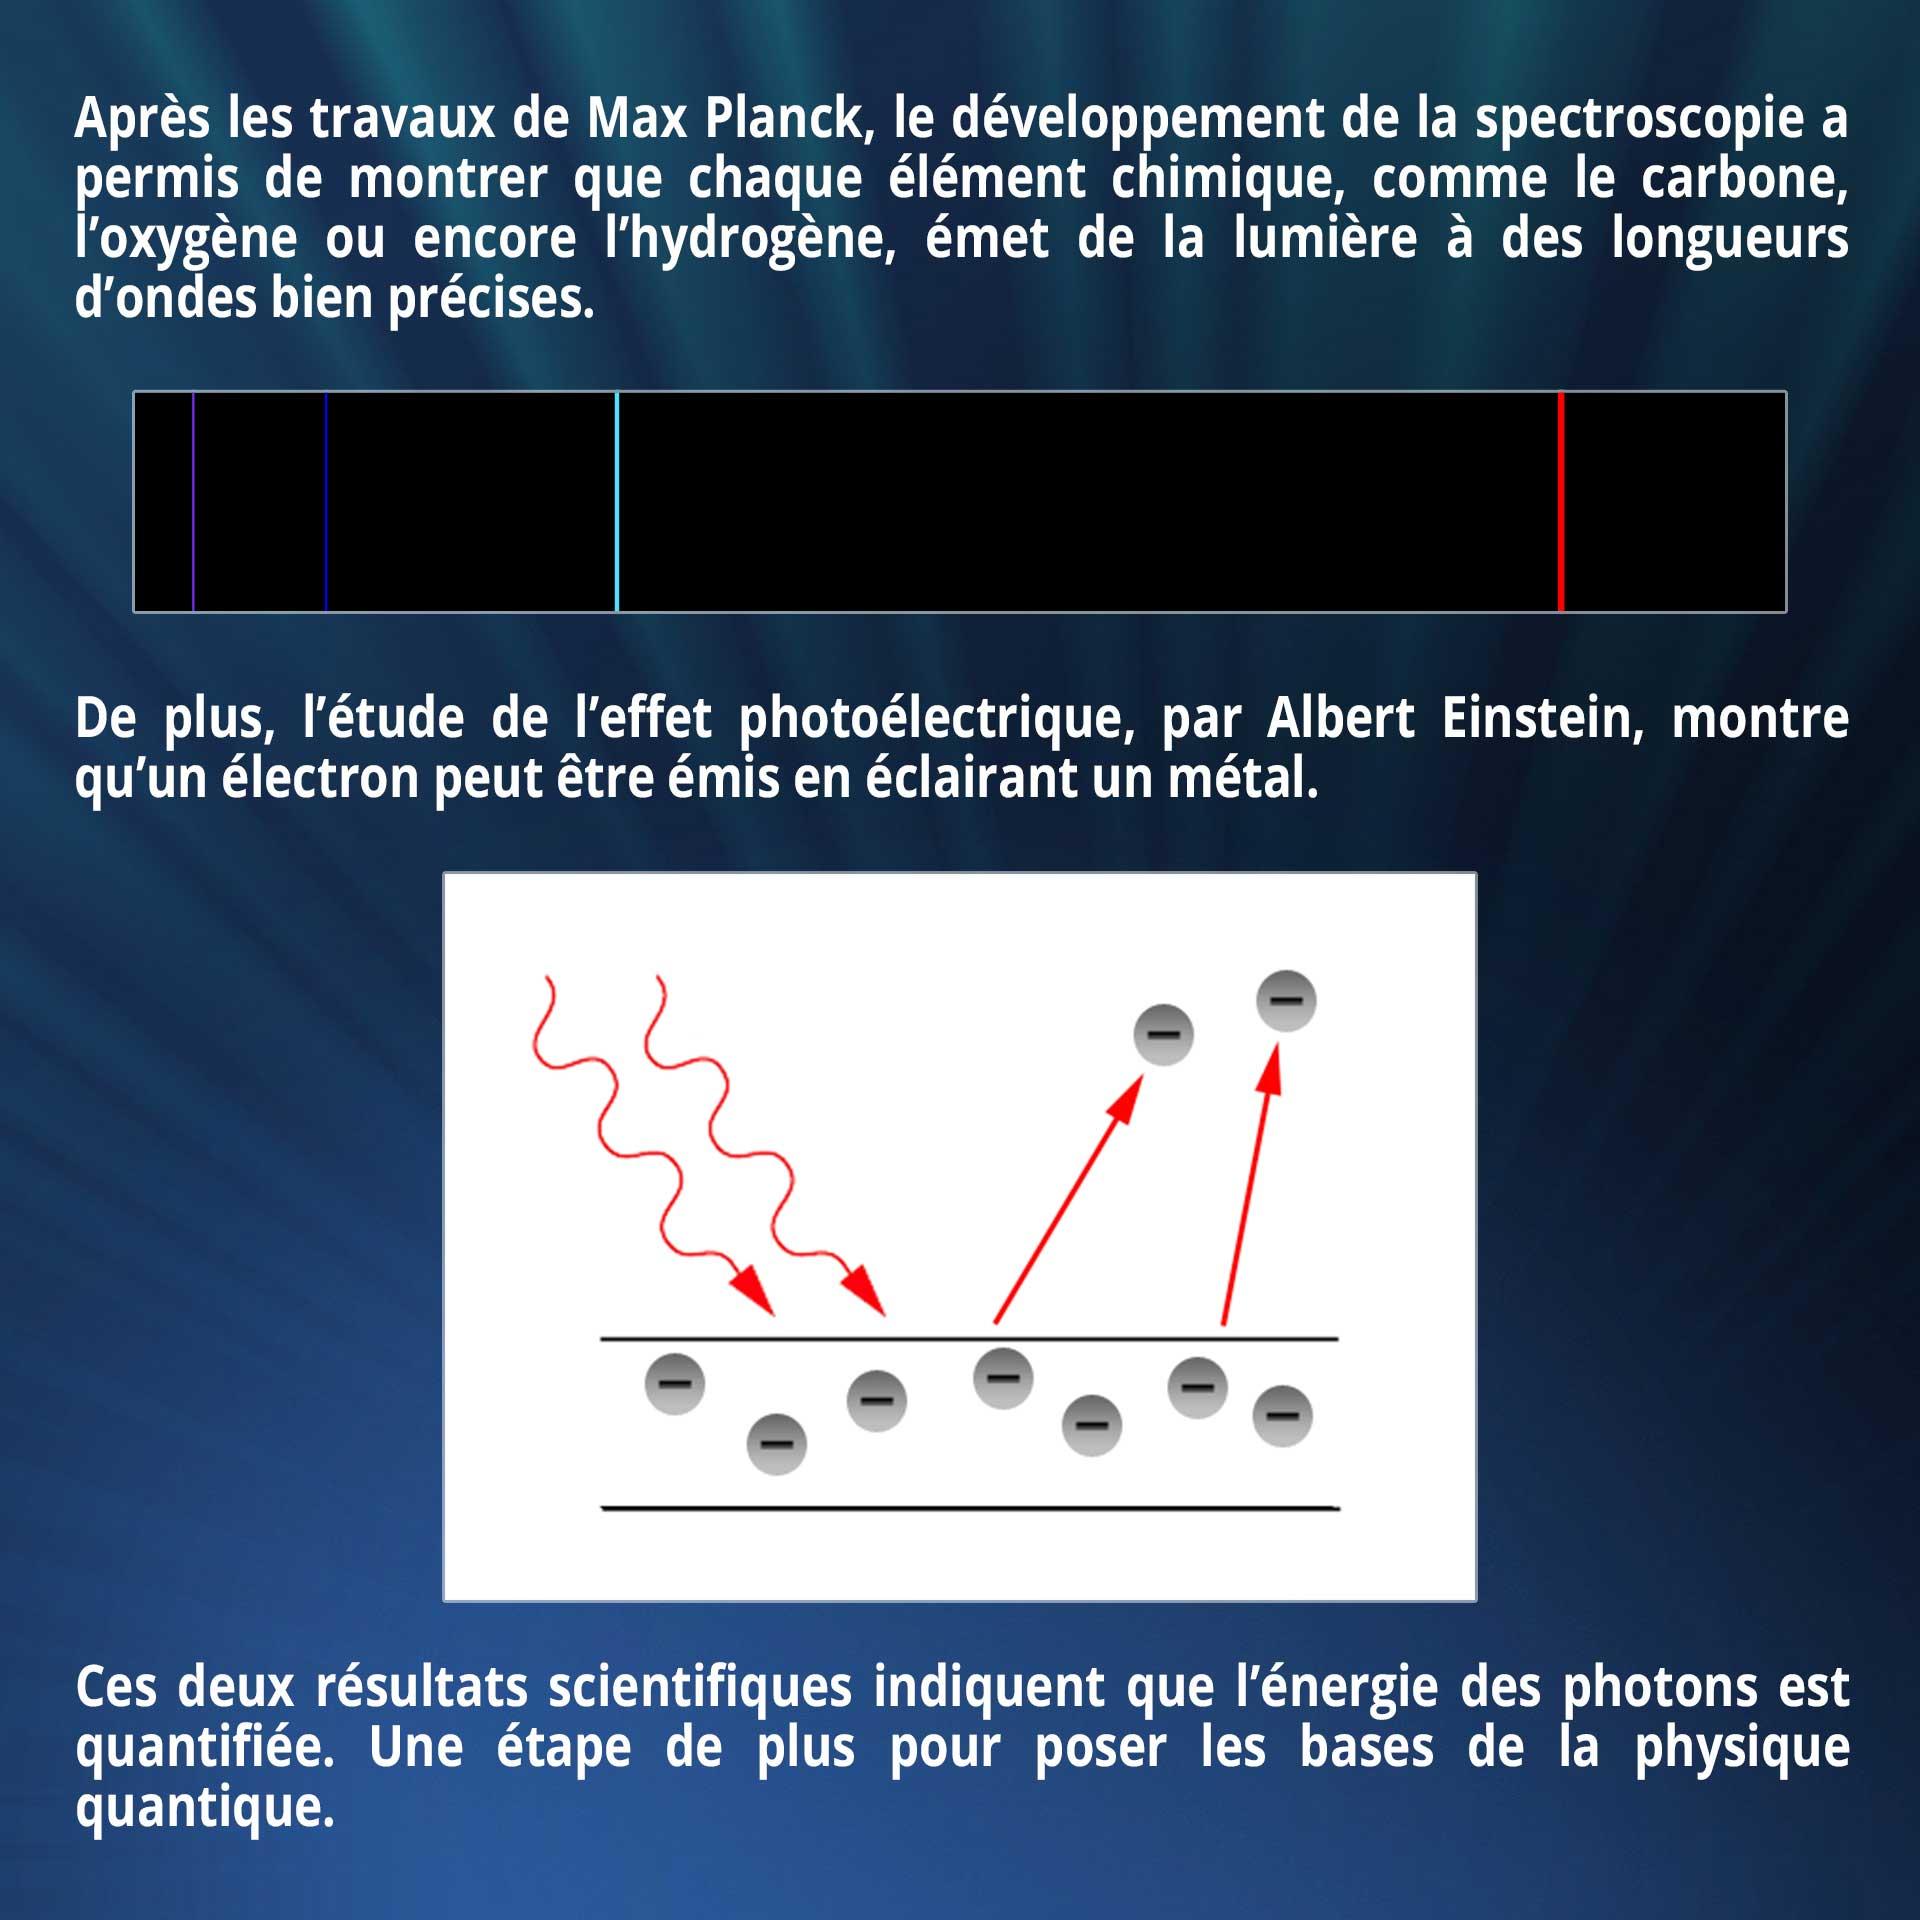 Après les travaux de Max Planck, le développement de la spectroscopie a permis de montrer que chaque élément chimique, comme le carbone, l'oxygène ou encore l'hydrogène, émet de la lumière à des longueurs d'ondes bien précises. De plus, l'étude de l'effet photoélectrique, par Albert Einstein, montre qu'un électron peut être émis en éclairant un métal. Ces deux résultats scientifiques indiquent que l'énergie des photons est quantifiée. Une étape de plus pour poser les bases de la physique quantique.